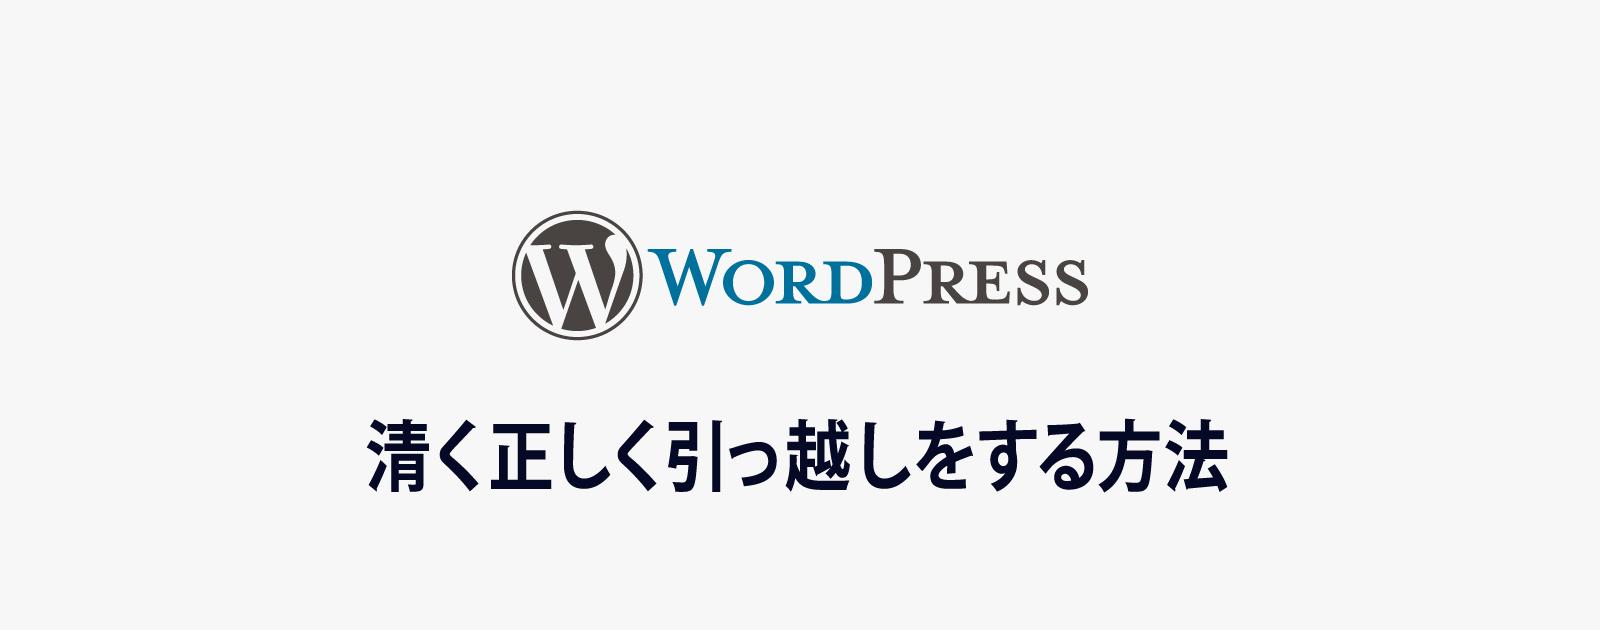 サーバで管理していたWordPressをローカル環境に移行する方法